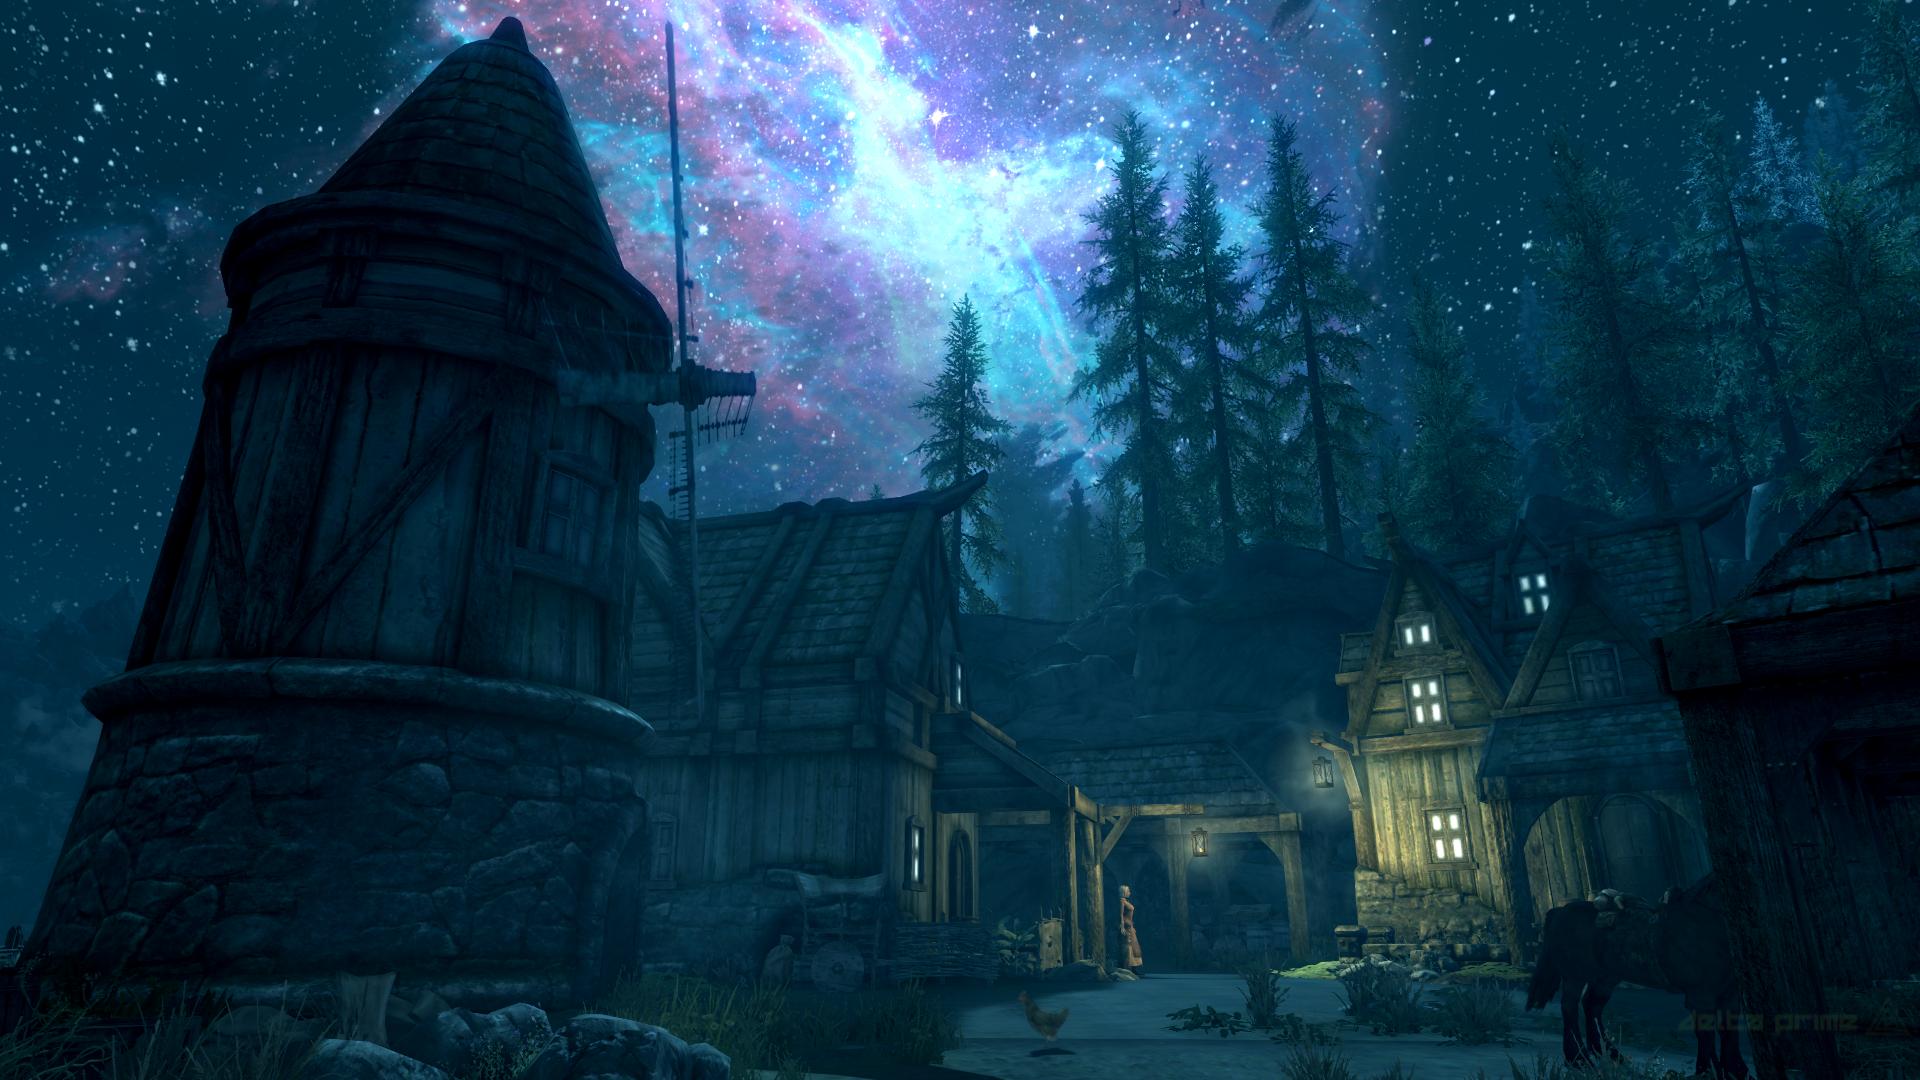 デスクトップ壁紙 Pcゲーム スクリーンショット Elder Scrolls V Skyrim ゲームで Solitude Skyrim 安定した 銀河 夜空 うま 星雲 19x1080 Alexvnsc デスクトップ壁紙 Wallhere